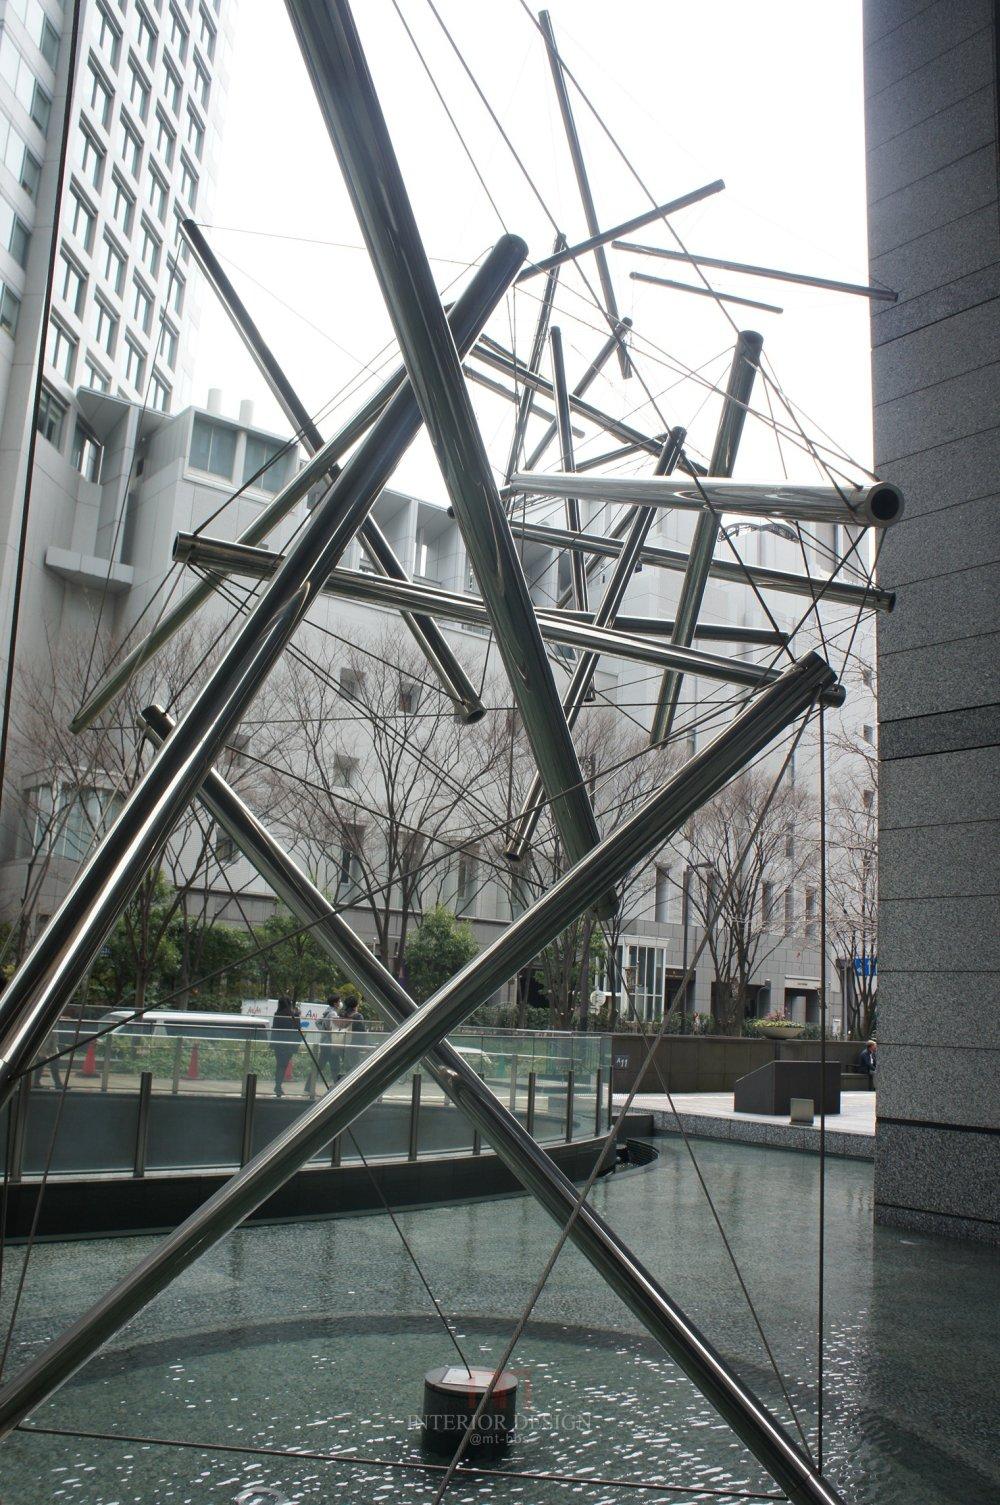 #伙伴一起看日本#  日本设计考察分享(更新美秀美术馆)_DSC05688.JPG